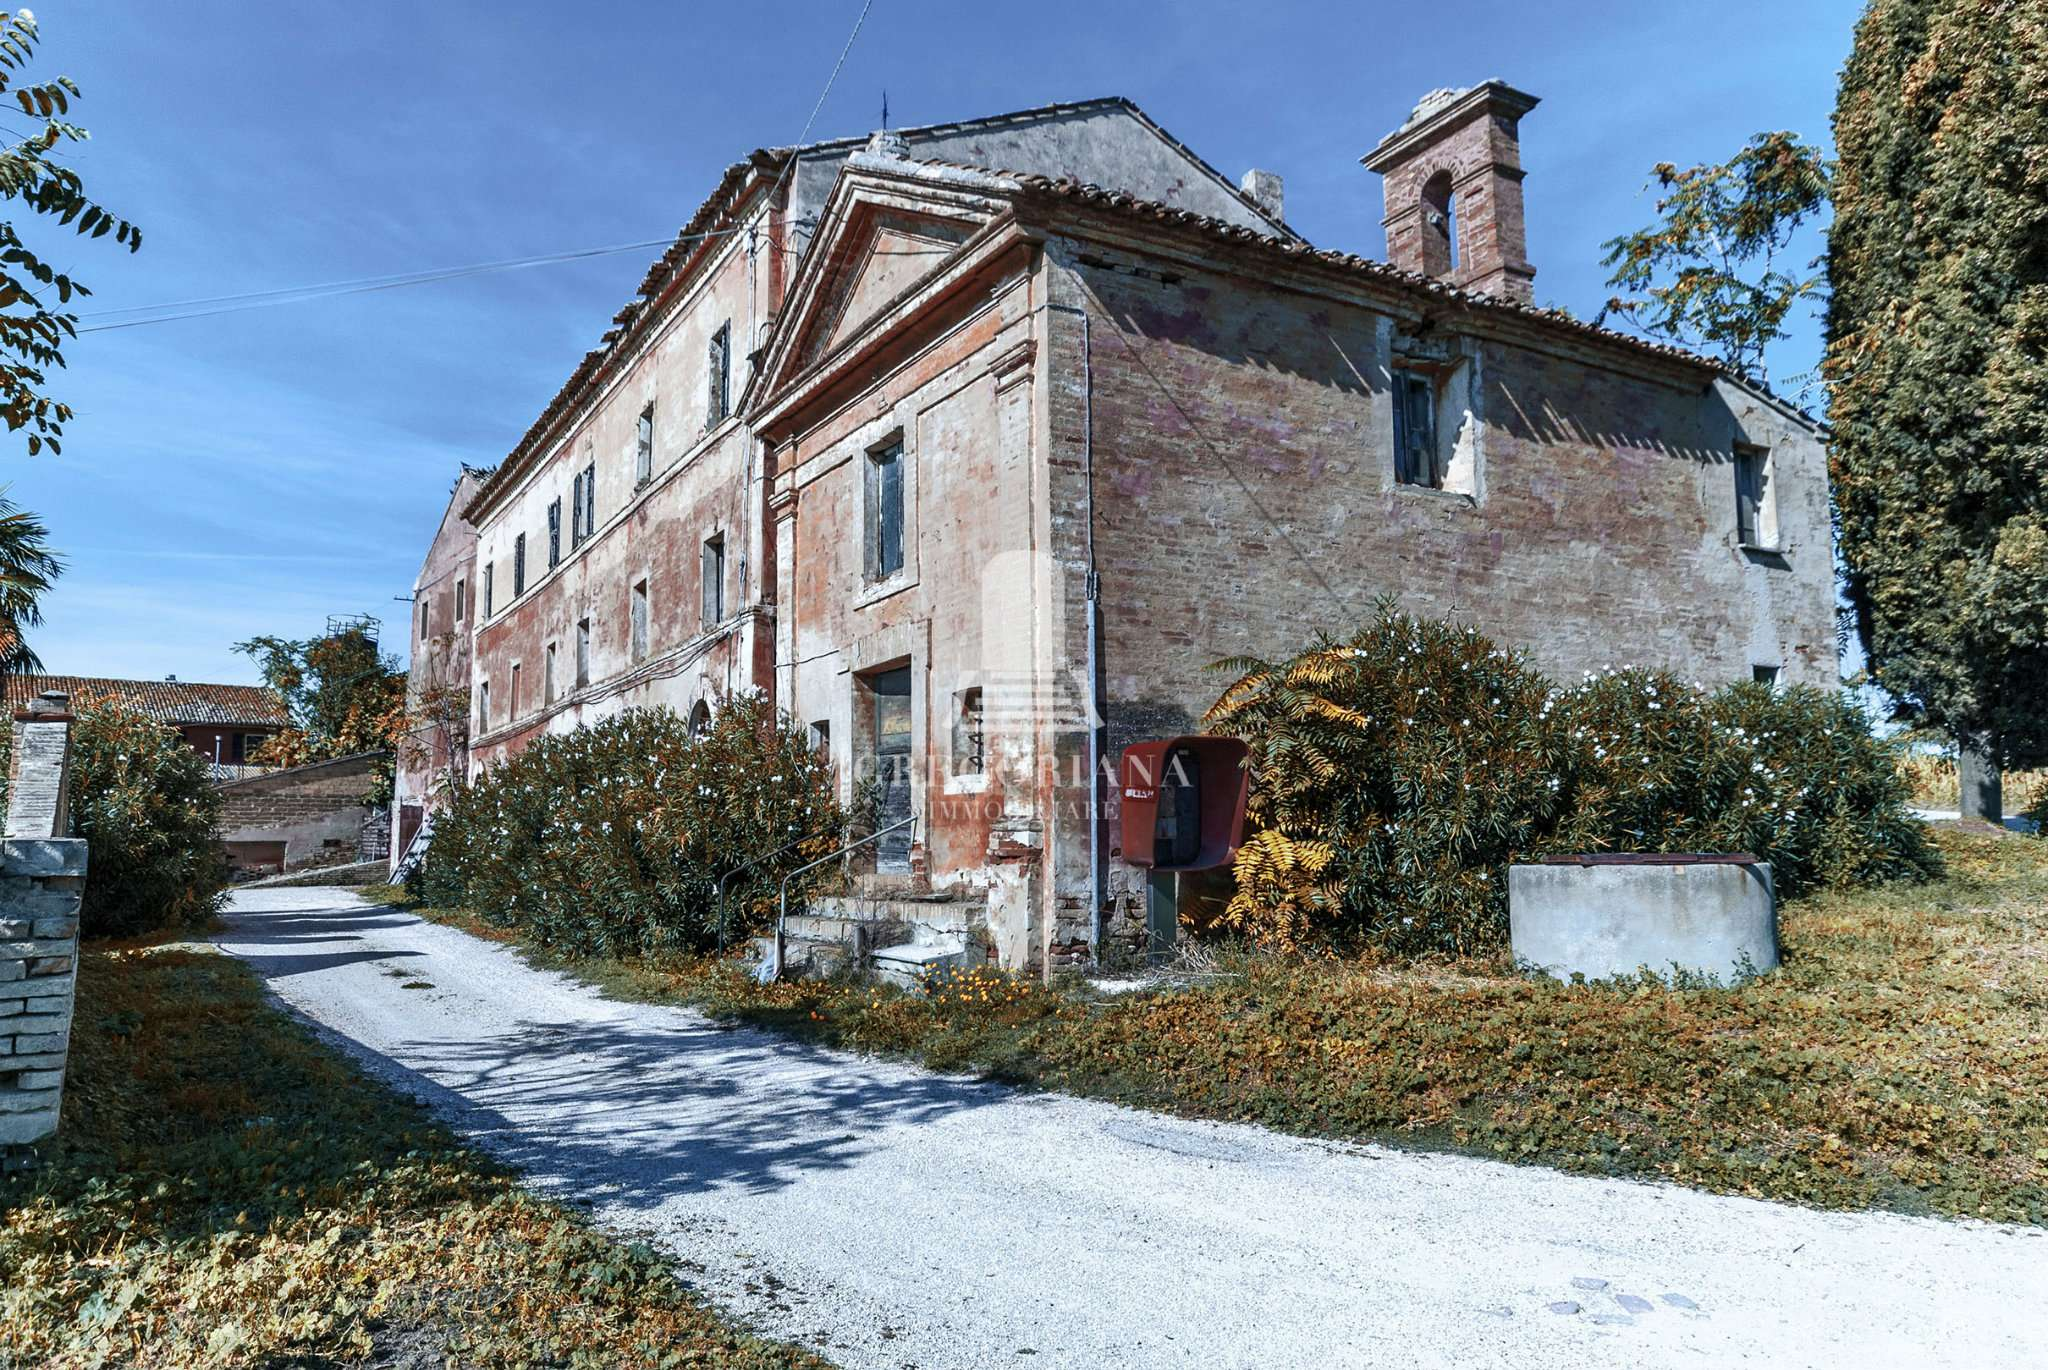 Rustico / Casale in vendita a Civitanova Marche, 10 locali, prezzo € 2.250.000   CambioCasa.it